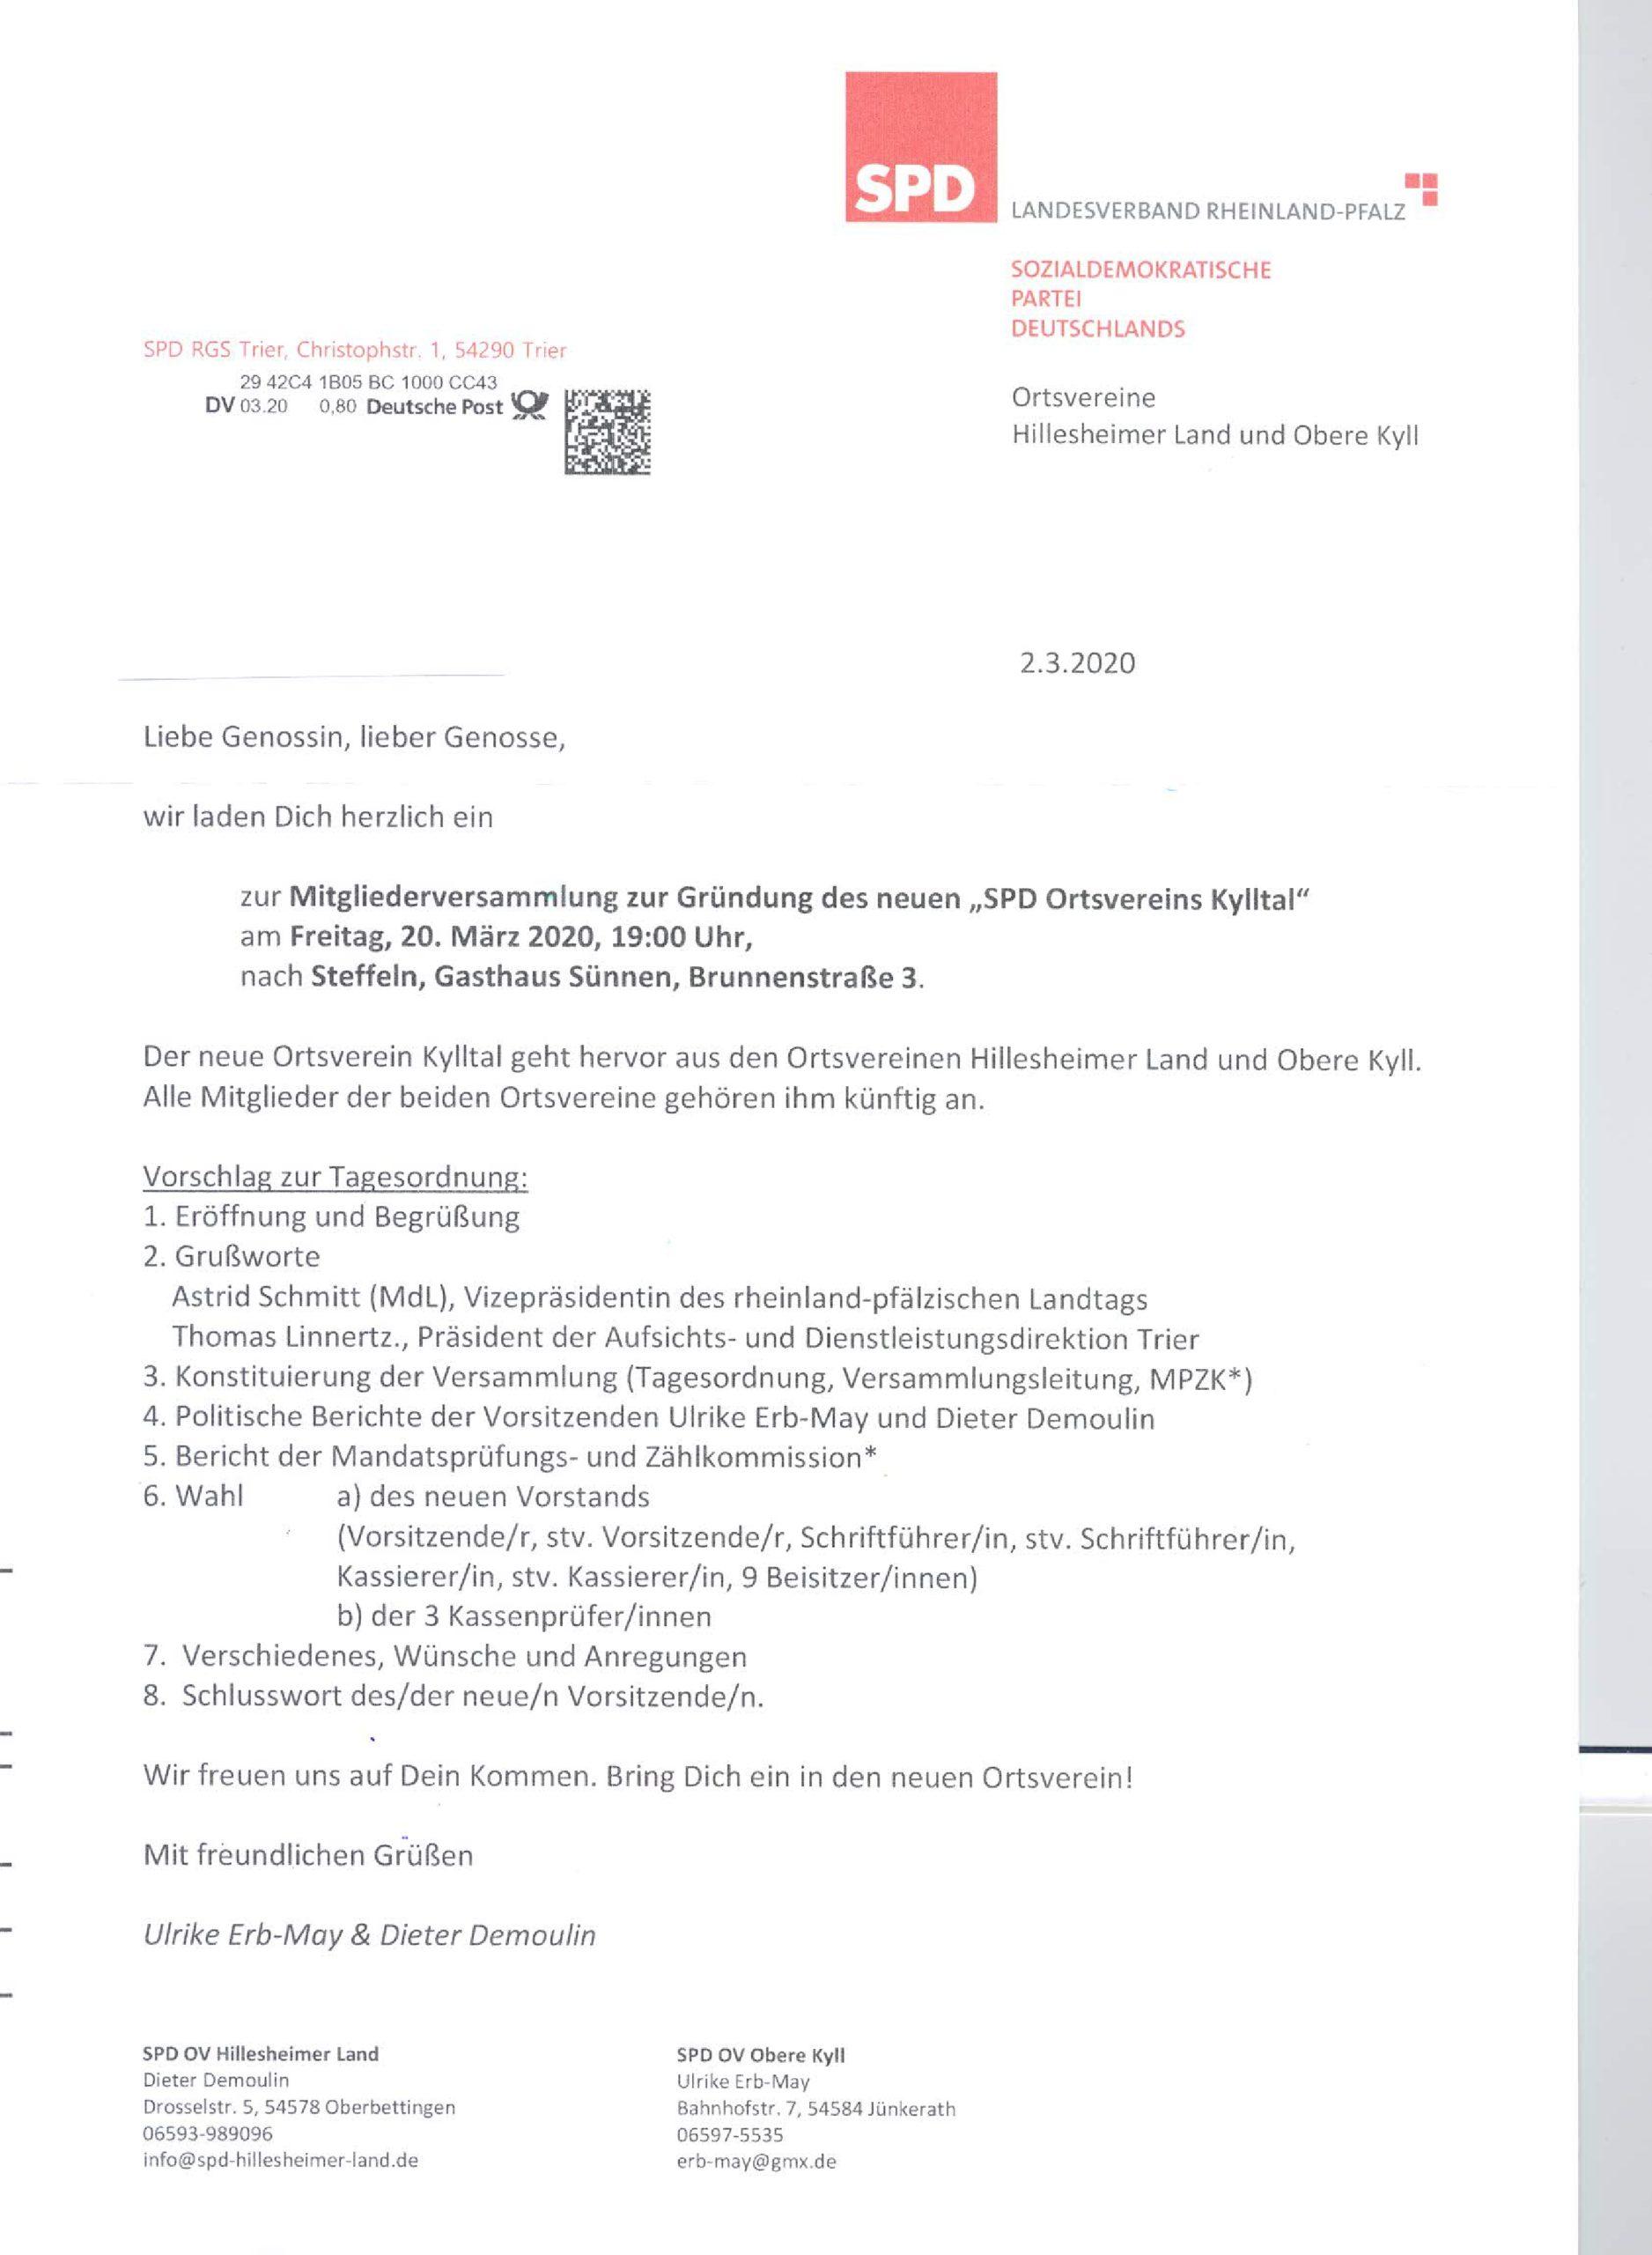 Einladung zur SPD-Mitgliederversammlung